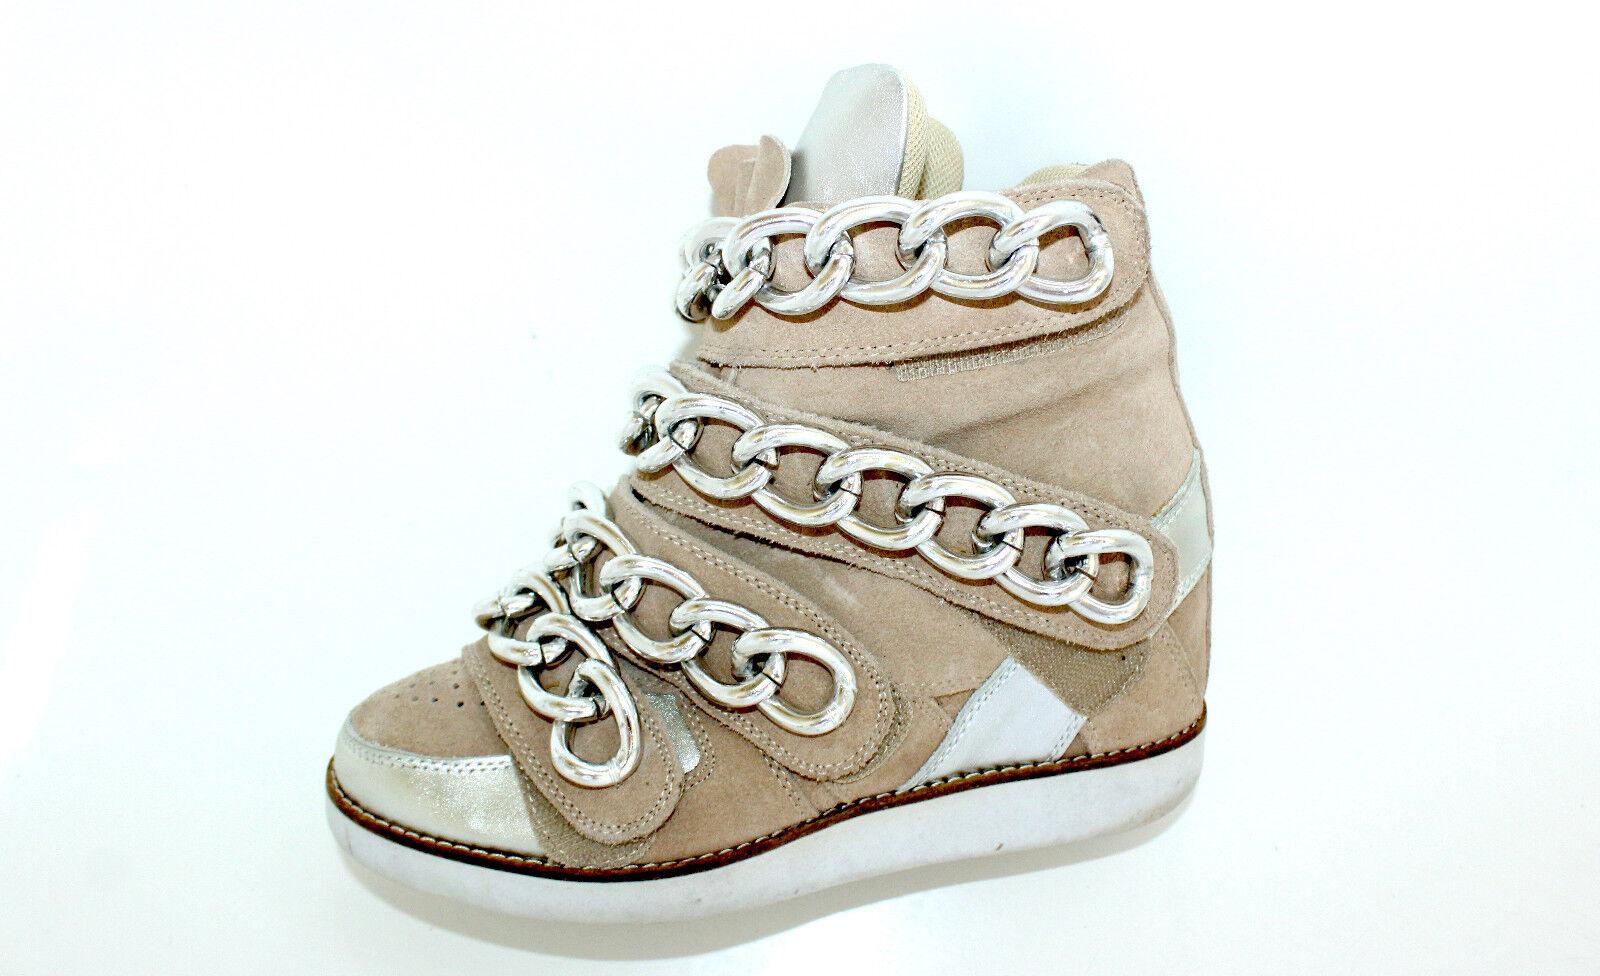 Jeffrey Campbell Beige Chaînes bottes bottines bottes 35 UK 3 Cuir Velcro COMPENSES Top